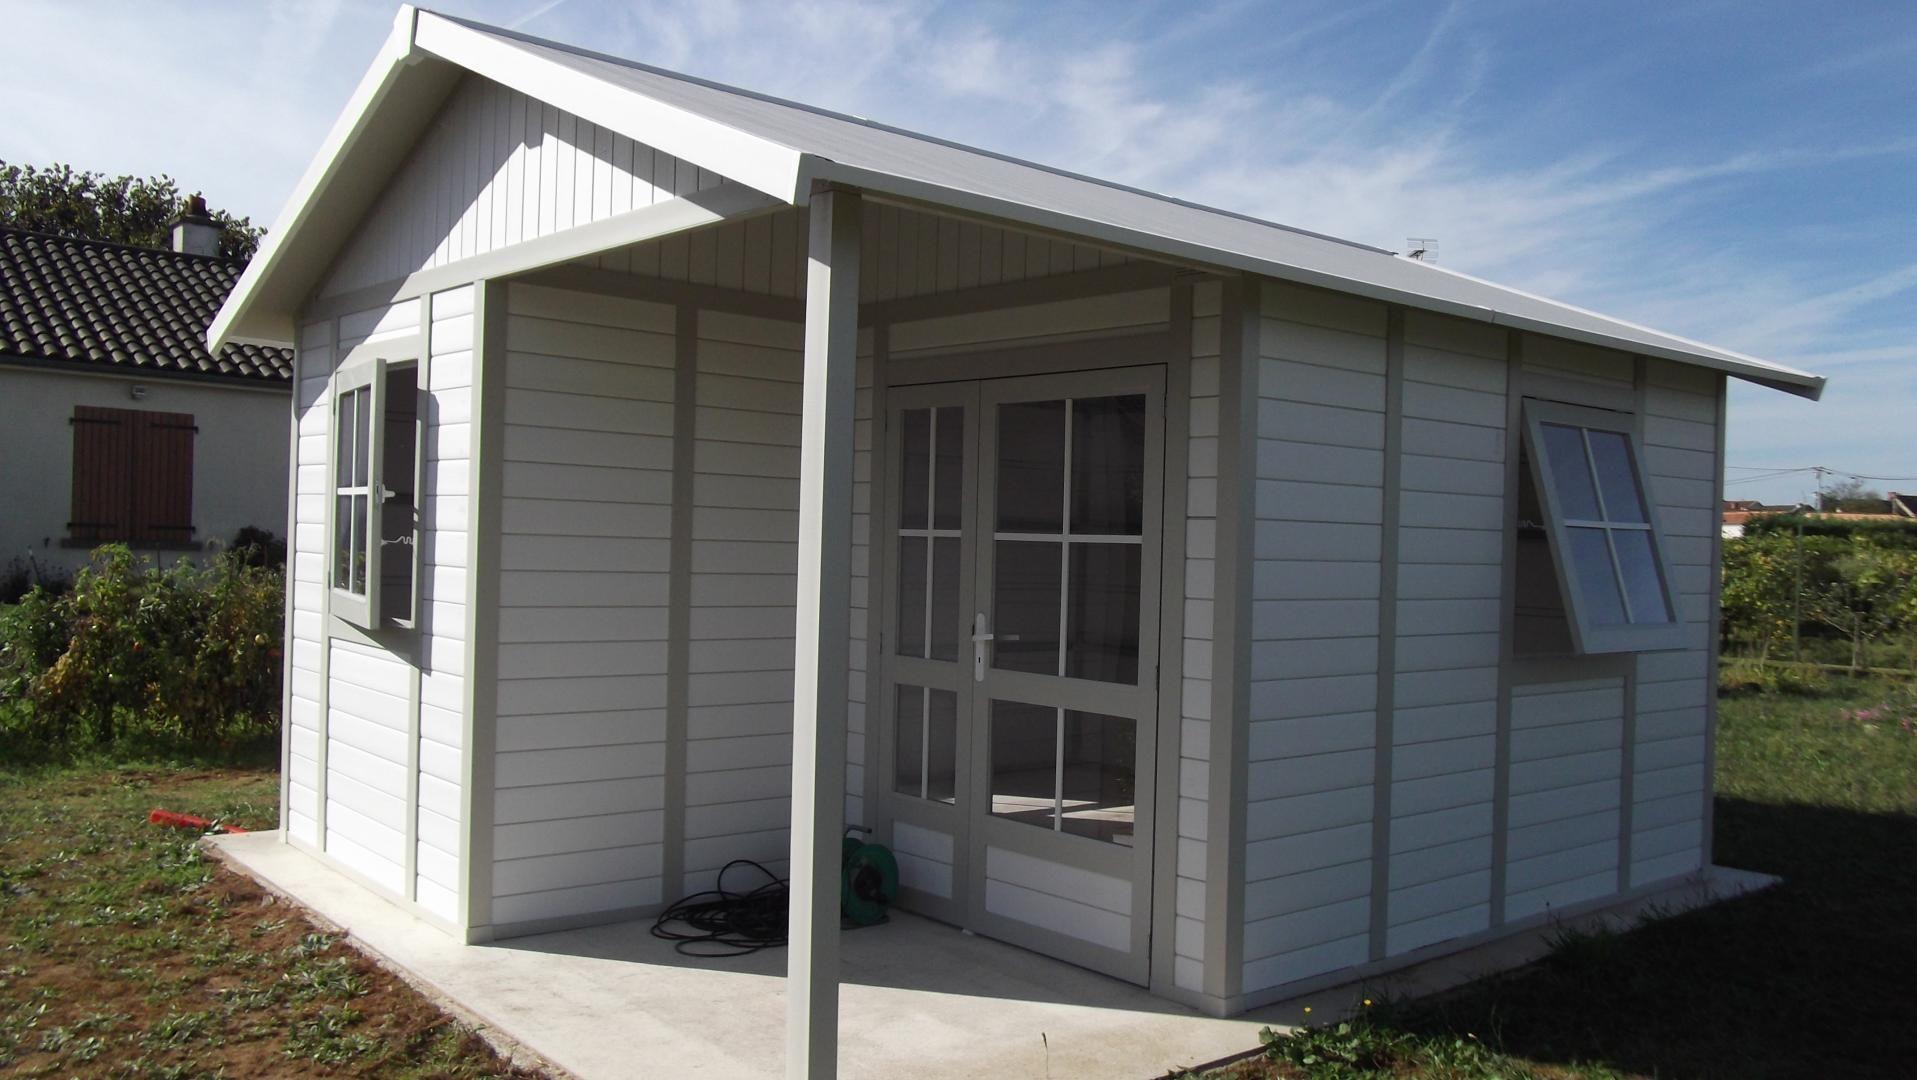 Abri De Jardin En Pvc 19,87M² Deco 20B Blanc Et Gris Vert ... destiné Abris De Jardin En Pvc